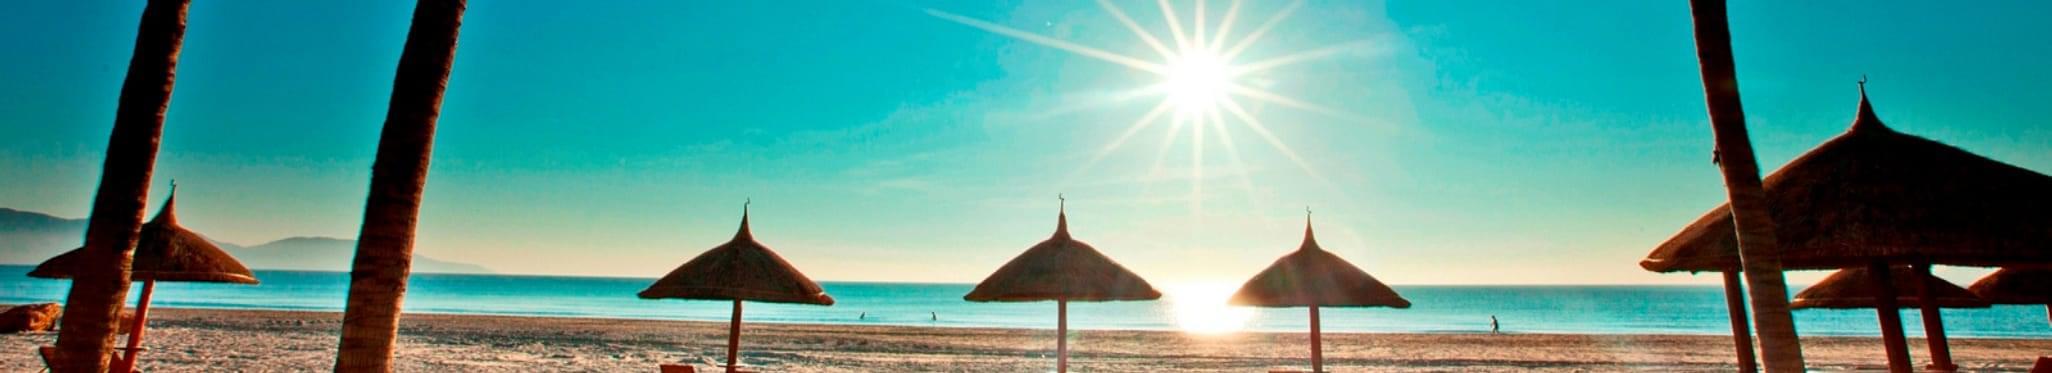 Солнечный рай:<br>Хошимин, Нячанг, Хошимин